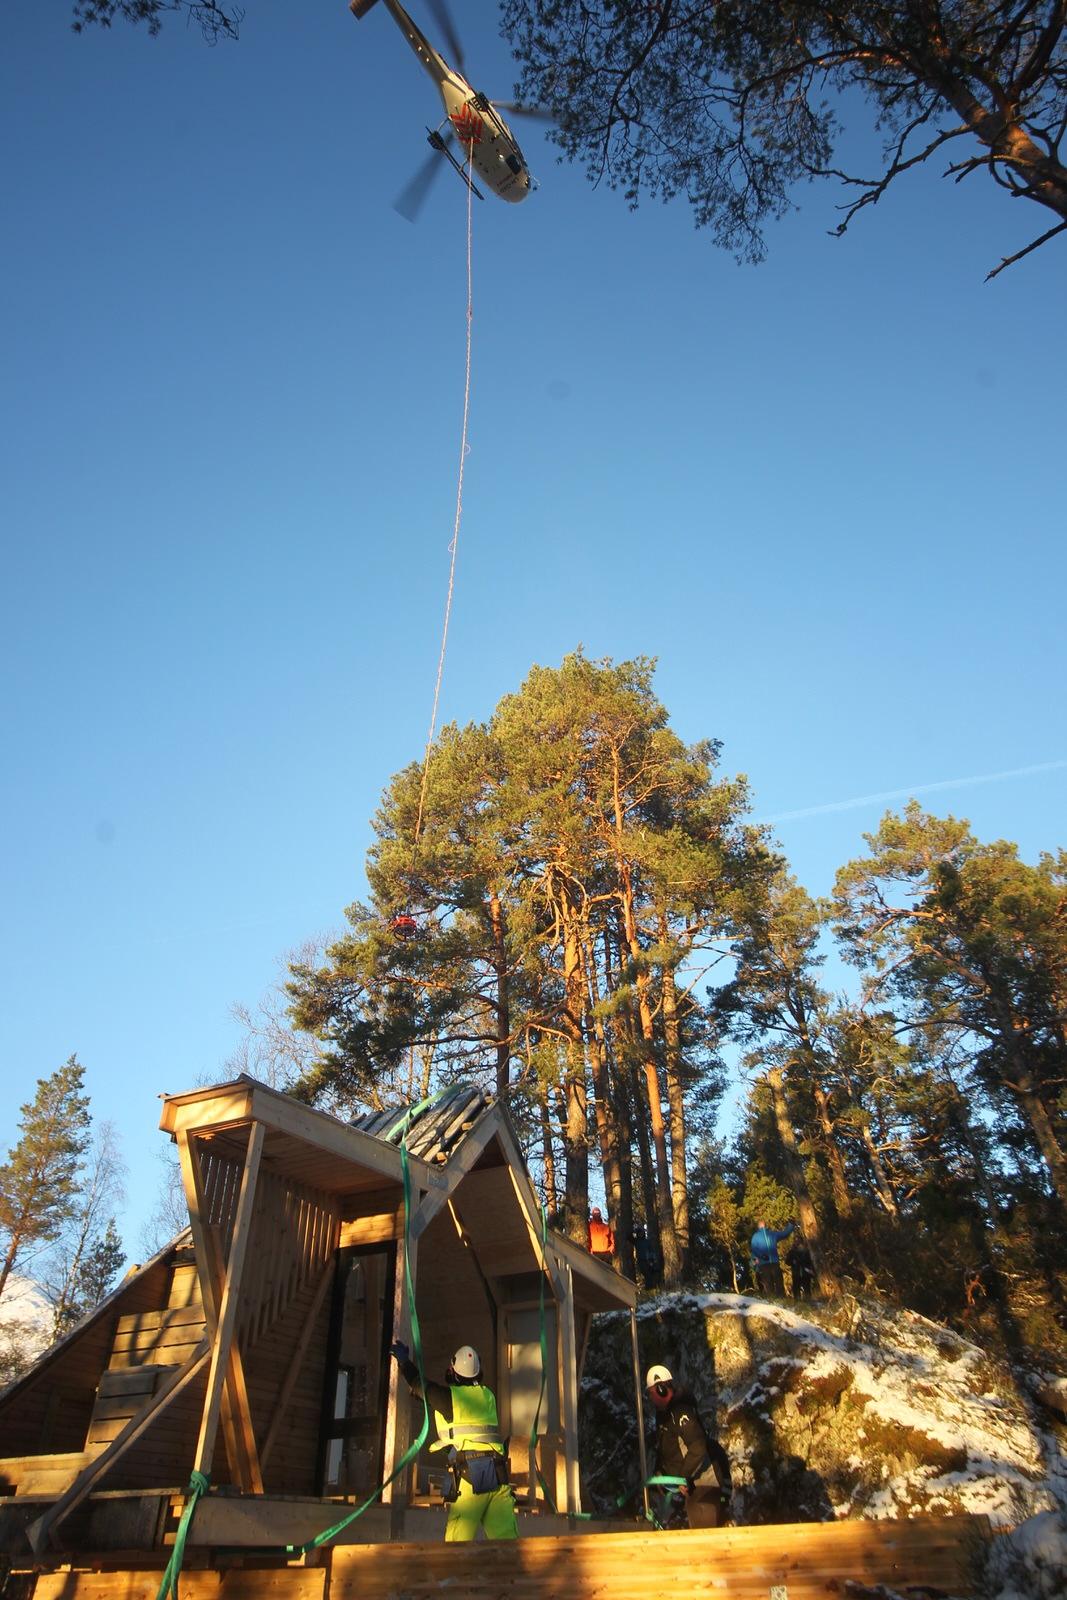 Løft til dagsturhytta på Gytta i Førde. Foto: Stig Roger Eide